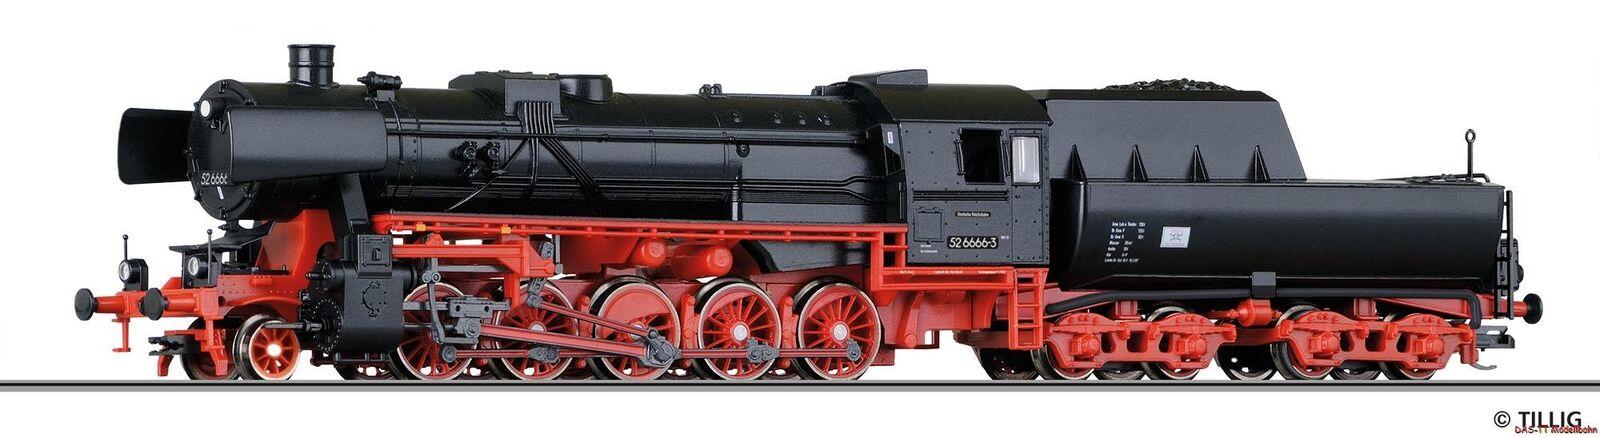 TT Locomotiva br52 6666 Palisadenstrasse DR Ep. IV Tillig 02268 NUOVO